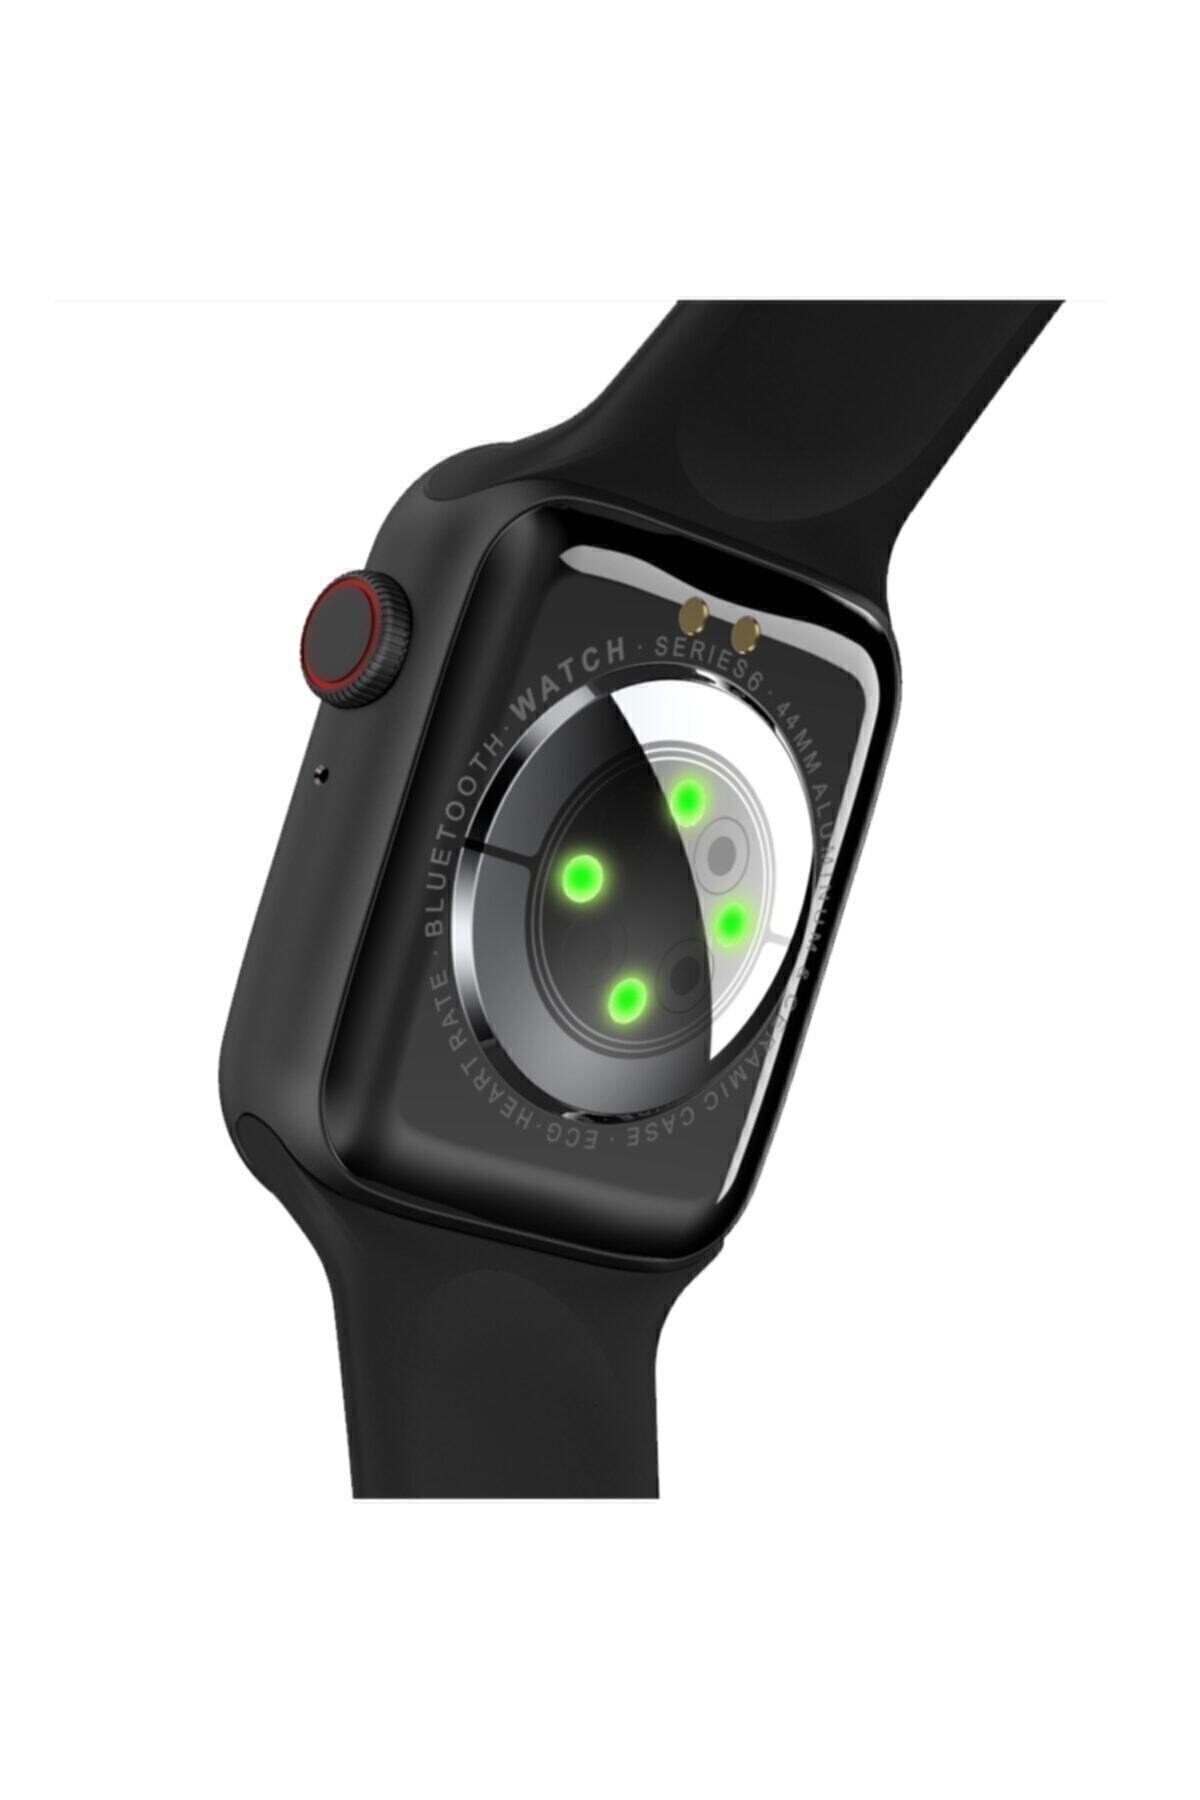 SmartWatch Watch 6 Pro Akıllı Saat Smart Watch Ateş Ve Nabız Ölçer Çok Fonksiyonlu Ios Ve Android Uyumlu